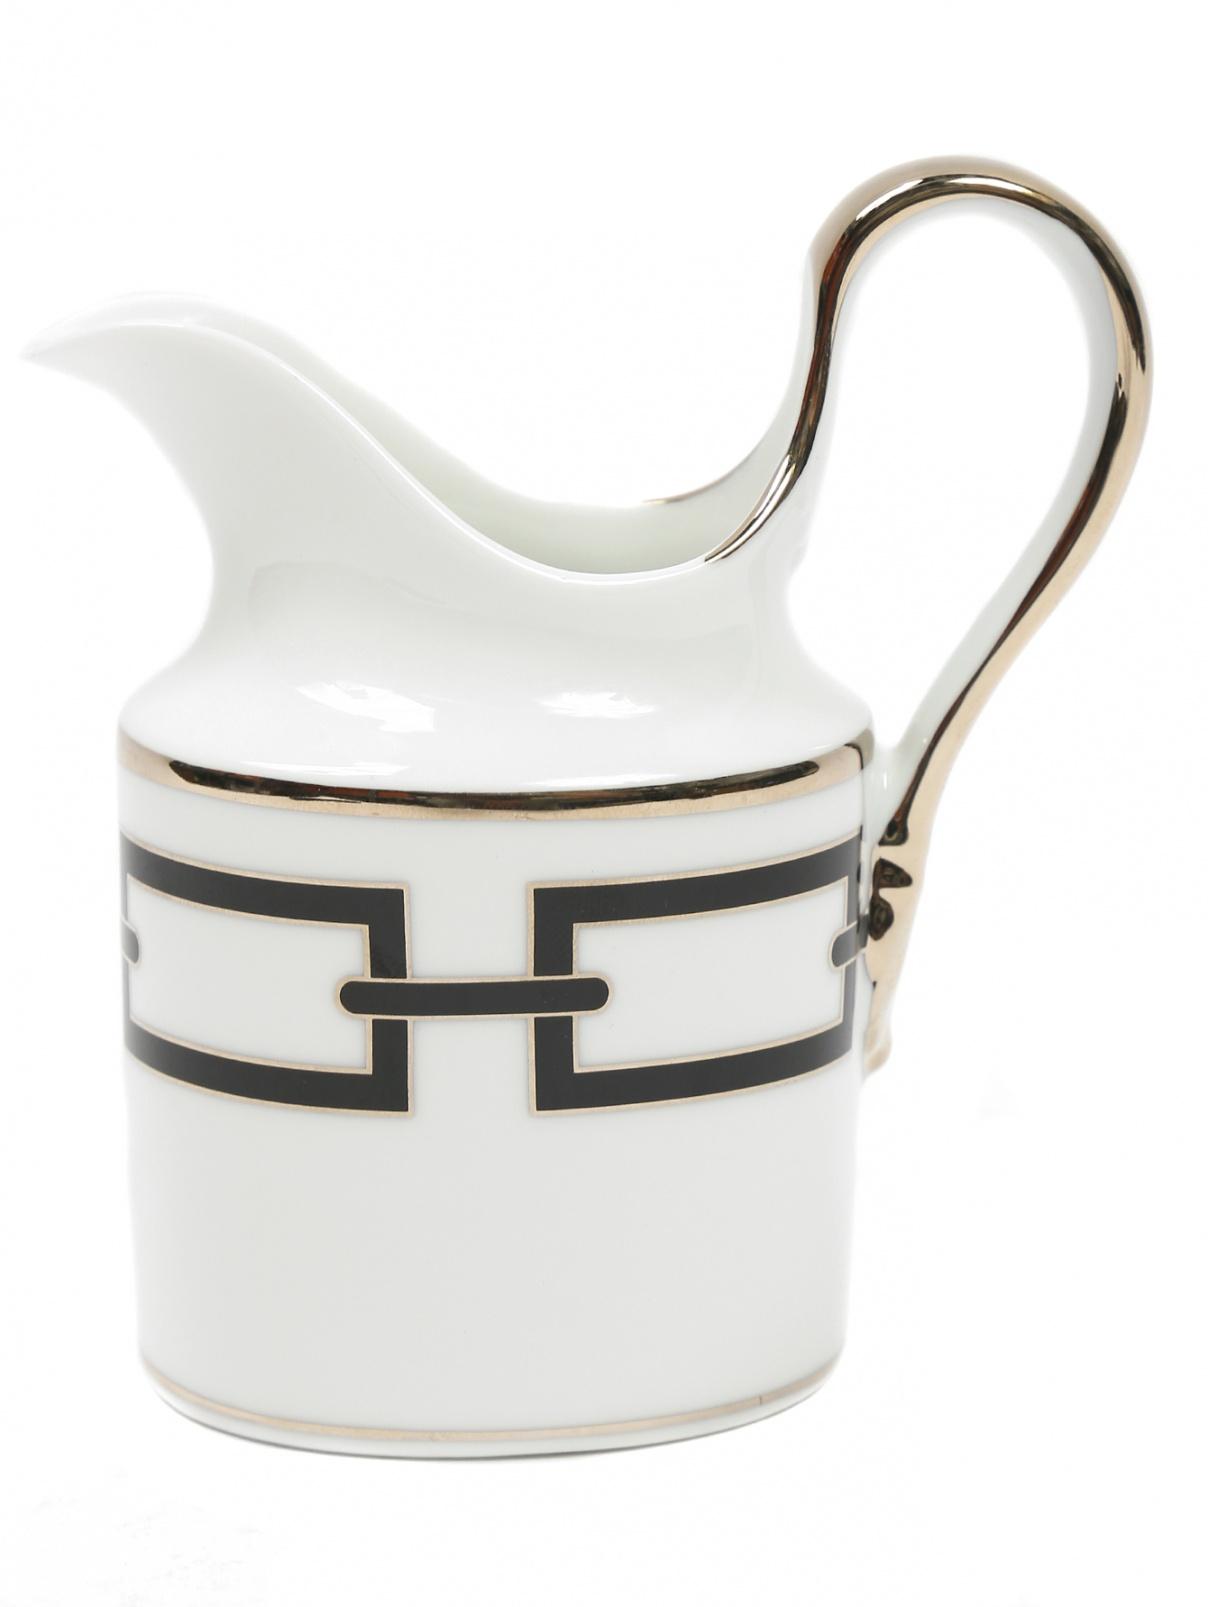 Молочник из фарфора с орнаментом и серебряной окантовкой Richard Ginori 1735  –  Общий вид